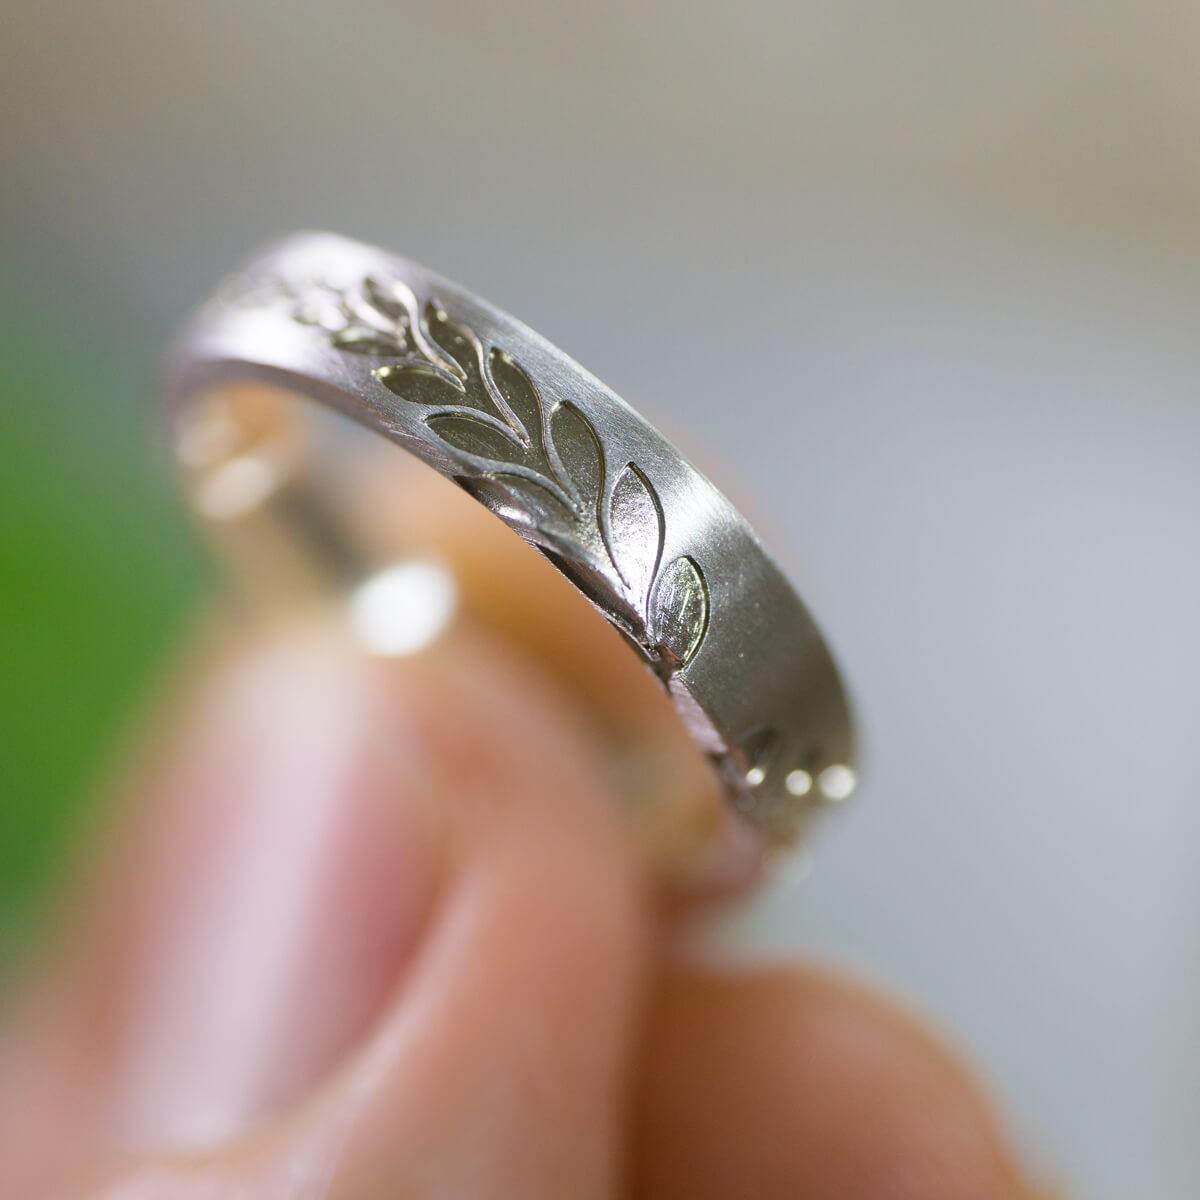 オーダーメイドマリッジリング 手に持って 屋久島のシダモチーフ シルバー 屋久島でつくる結婚指輪